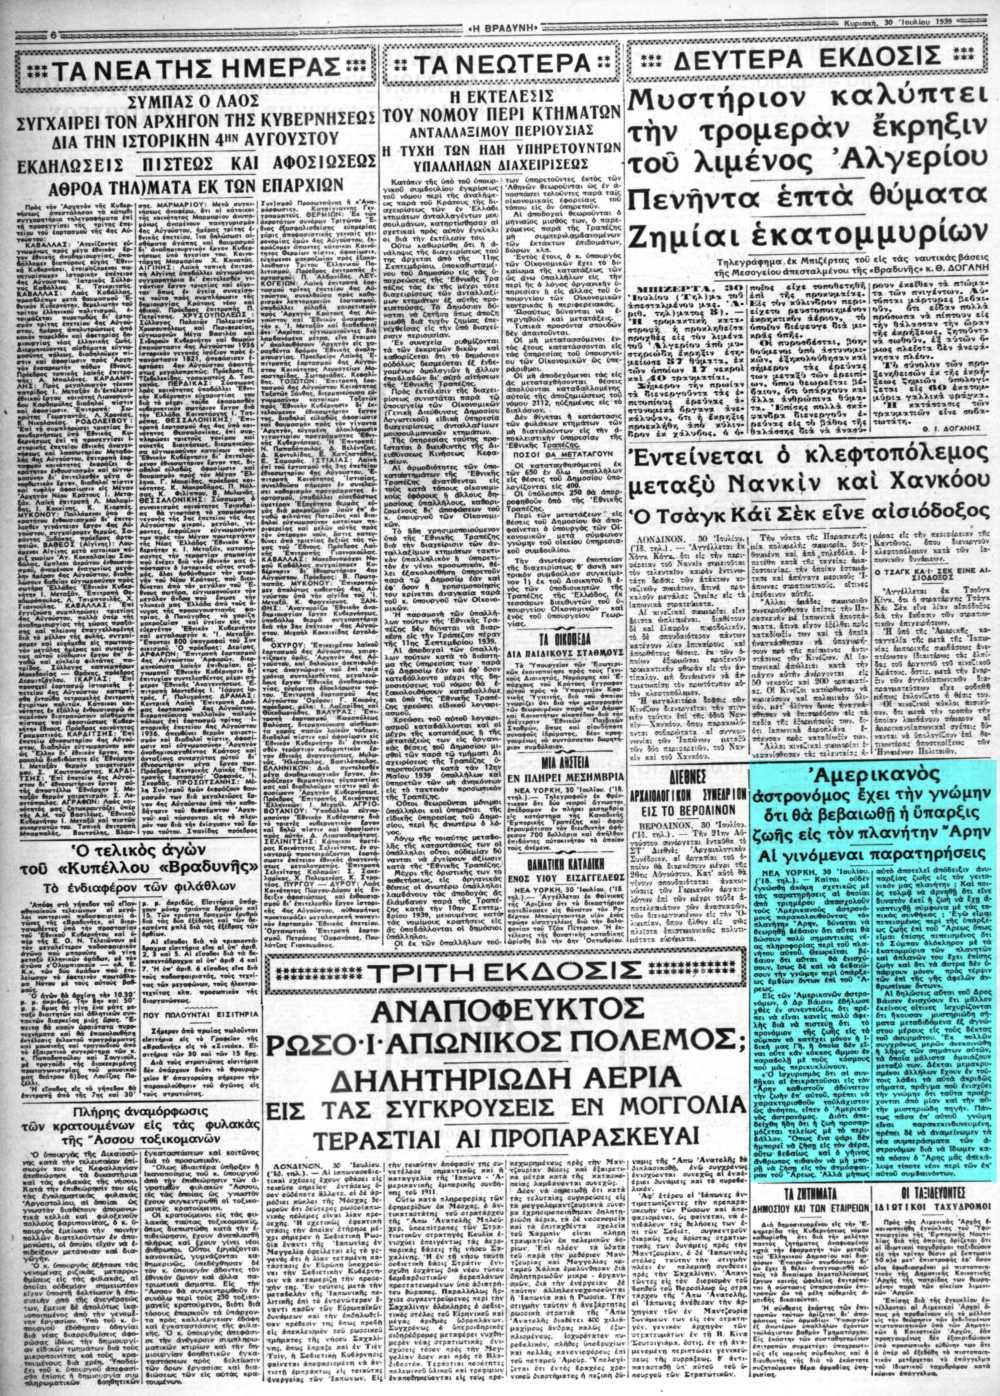 """Το άρθρο, όπως δημοσιεύθηκε στην εφημερίδα """"Η ΒΡΑΔΥΝΗ"""", στις 30/07/1939"""